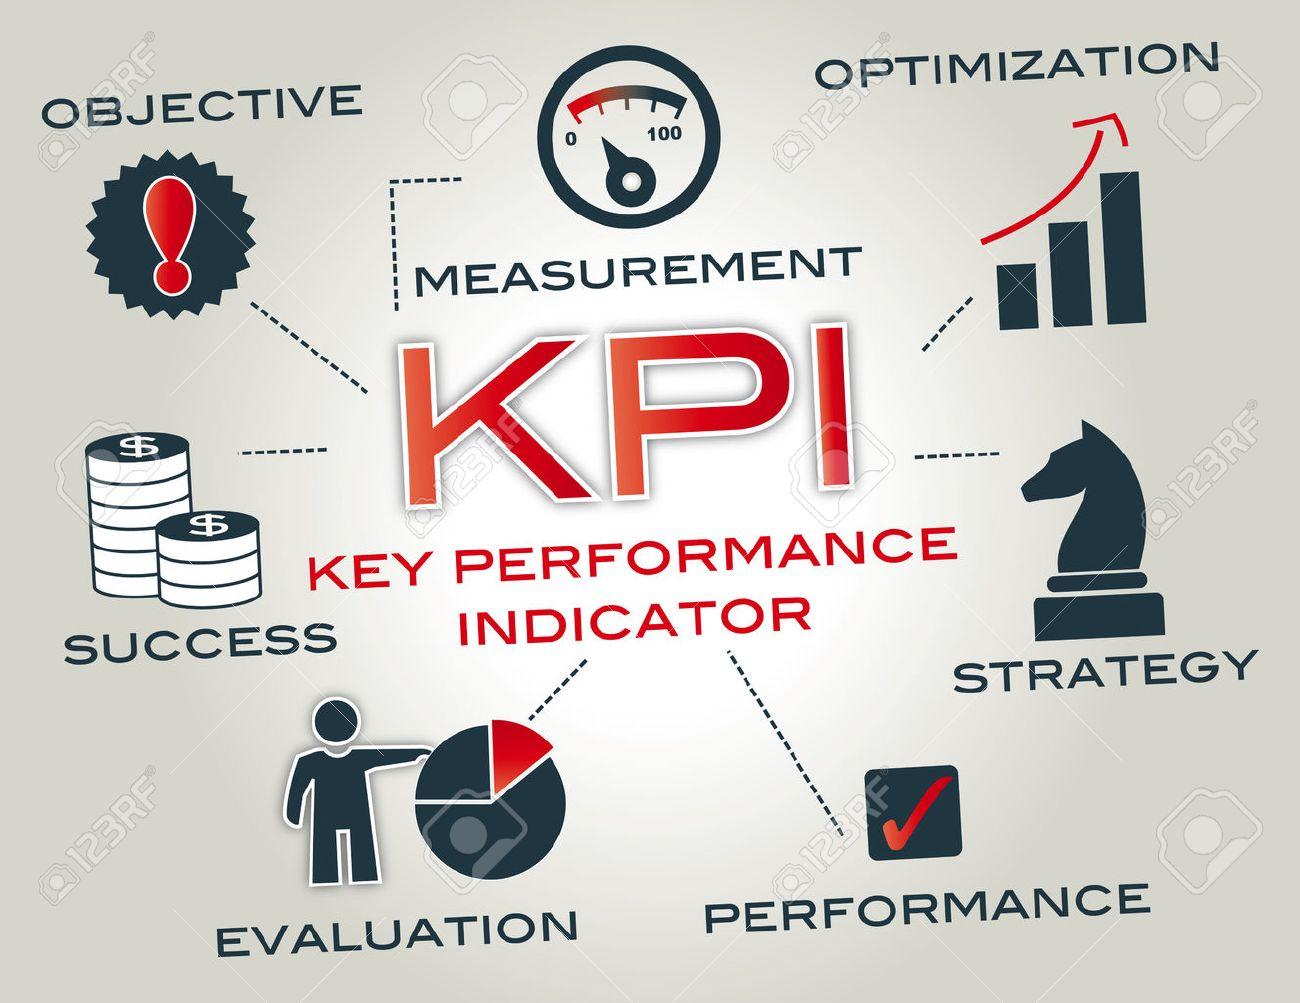 KPI - Un Indicador De Desempeño O Indicador Clave De Rendimiento Es ...